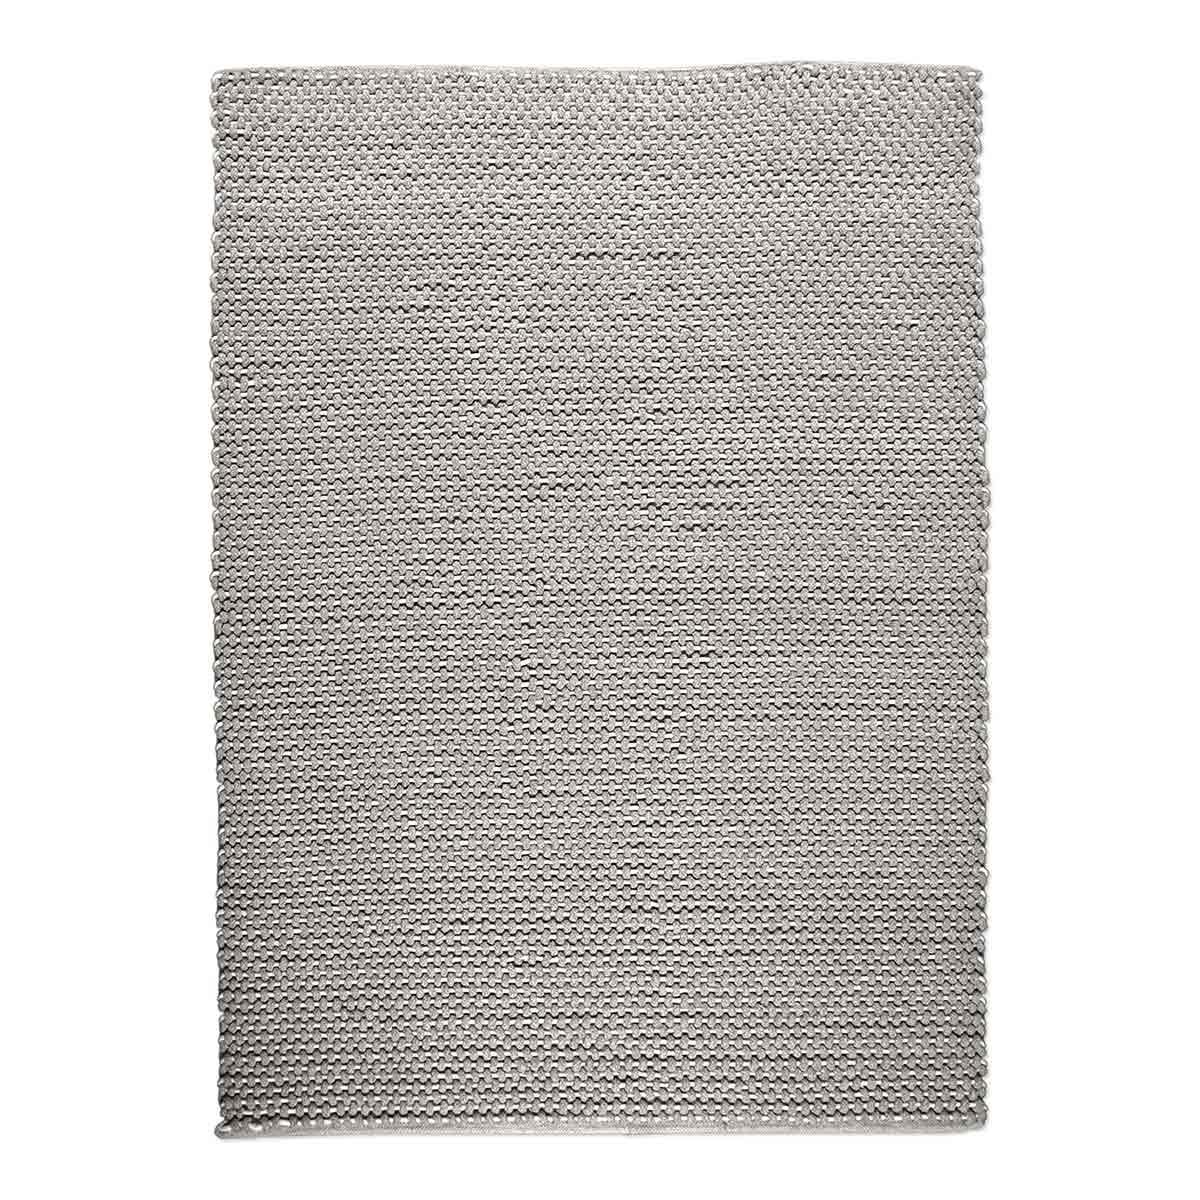 Uttermost Colemar 8 x 10 Rug - Linen